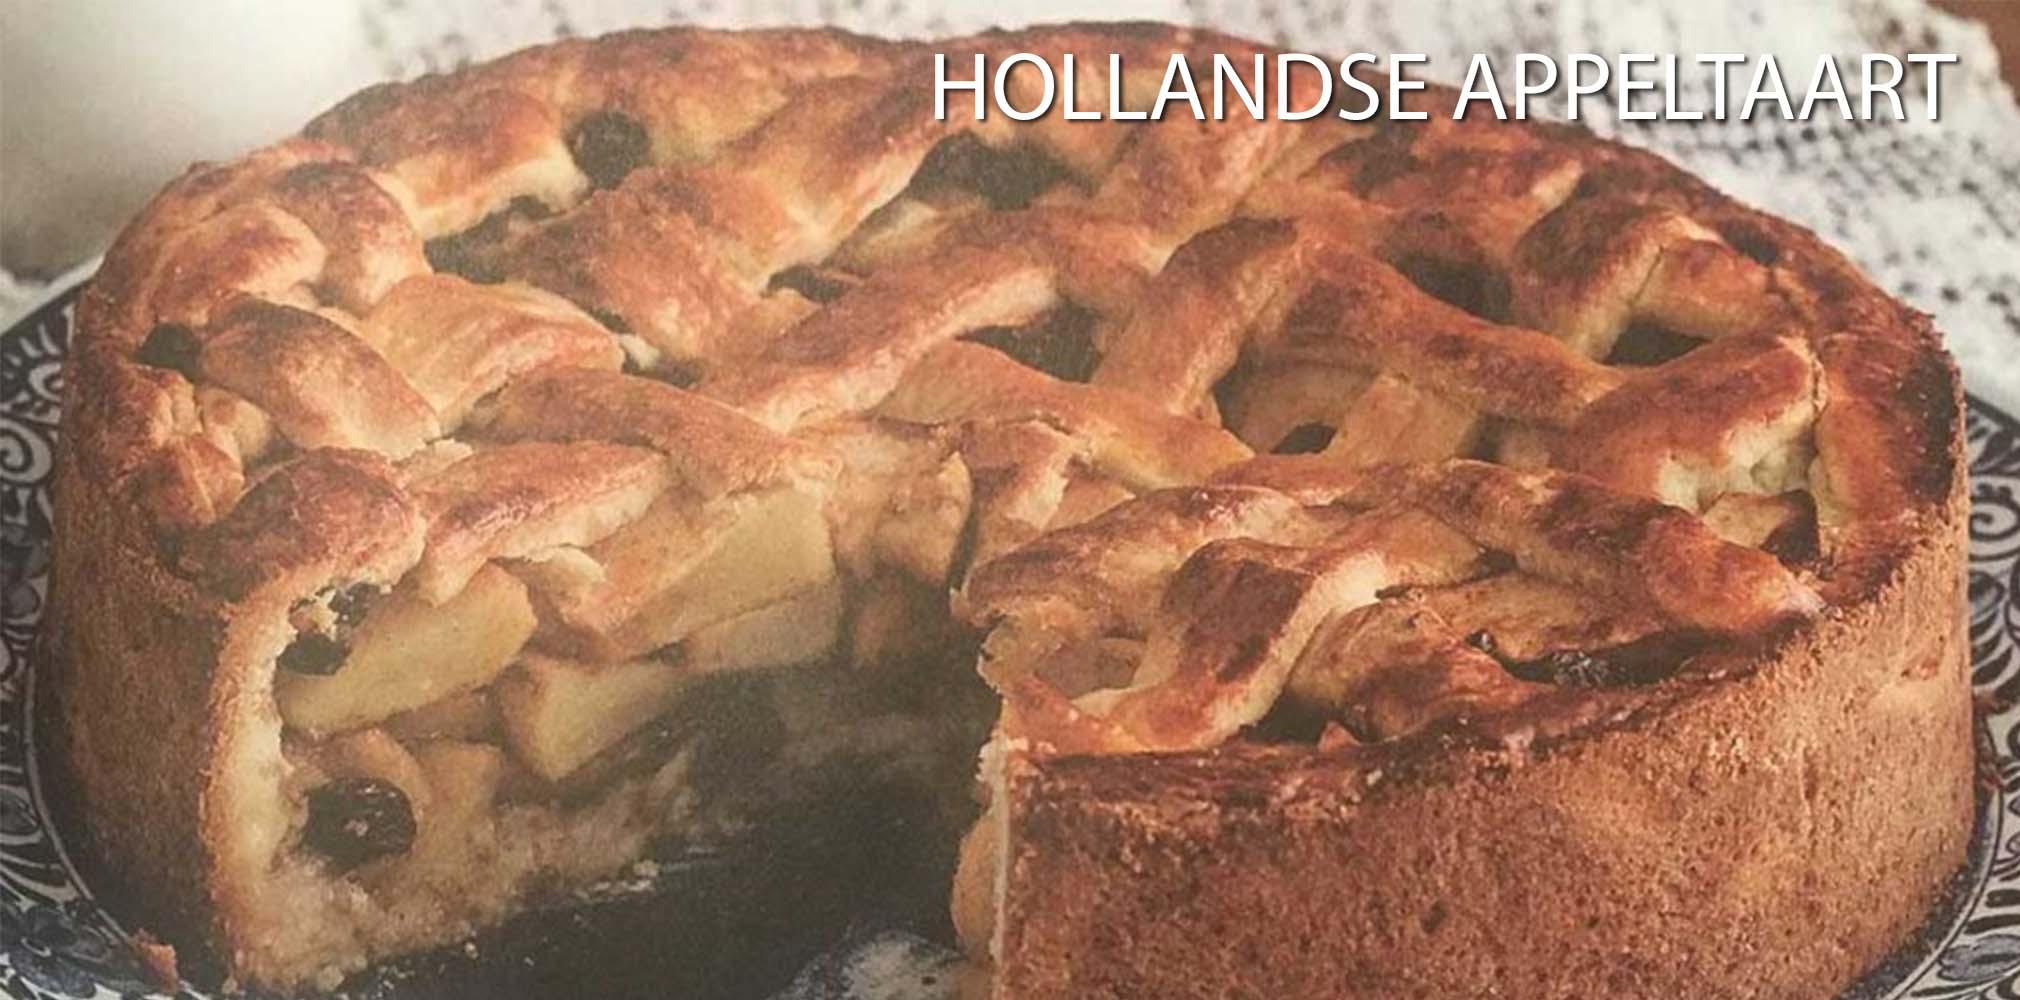 hollandse appeltaart oxo good grips shop